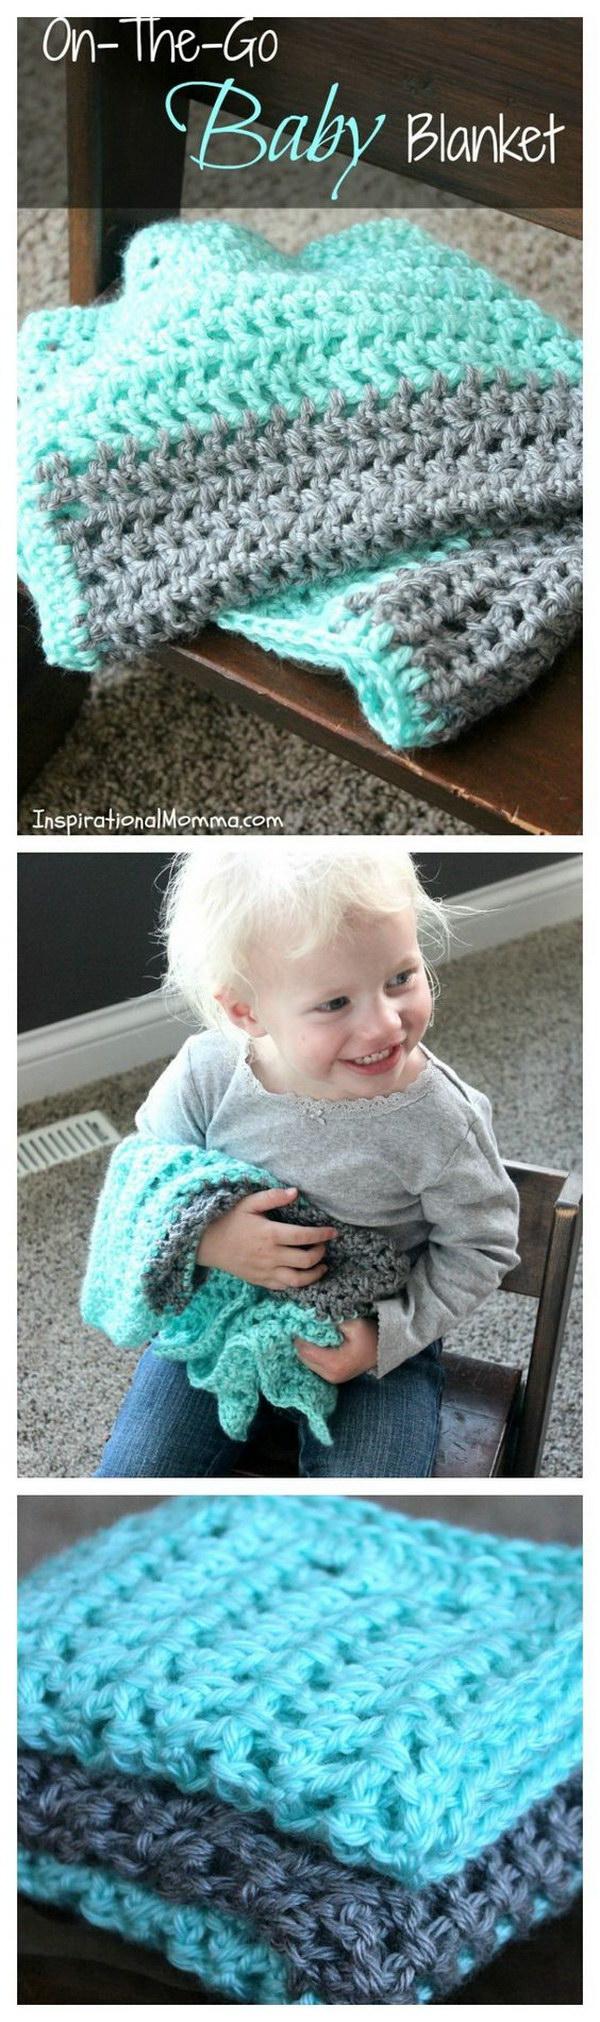 21 On-The-Go Crochet Baby Blanket